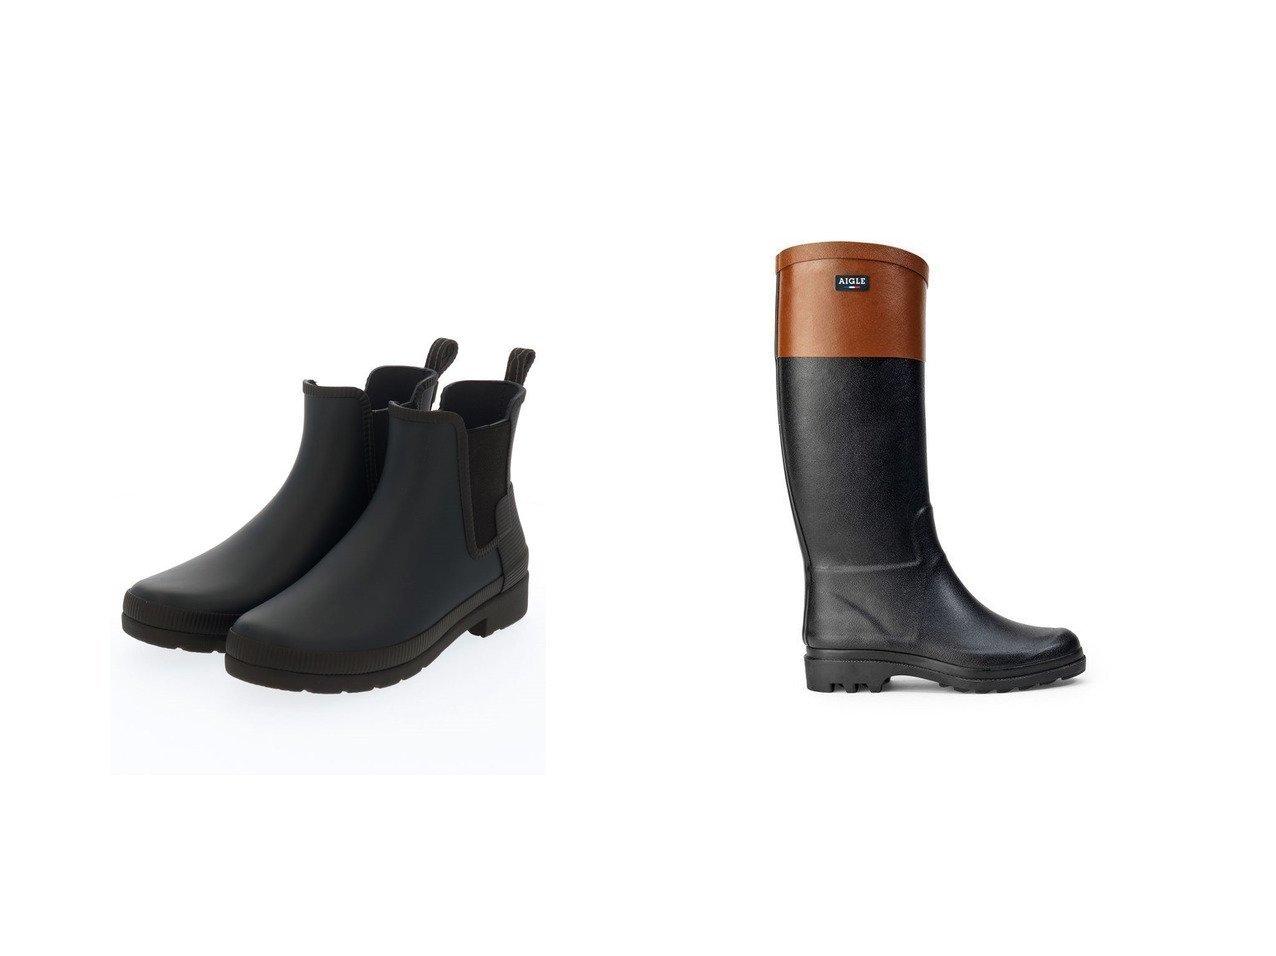 【AIGLE/エーグル】のエイグランティーヌ・カラーブロック&【HUNTER/ハンター】の【レディース】リファインドチェルシー テクスチャーブロックブーツ 【シューズ・靴】おすすめ!人気、トレンド・レディースファッションの通販   おすすめで人気の流行・トレンド、ファッションの通販商品 インテリア・家具・メンズファッション・キッズファッション・レディースファッション・服の通販 founy(ファニー) https://founy.com/ ファッション Fashion レディースファッション WOMEN S/S・春夏 SS・Spring/Summer シューズ ブロック マニッシュ モチーフ ラバー 再入荷 Restock/Back in Stock/Re Arrival 夏 Summer 定番 Standard 春 Spring アウトドア ショート  ID:crp329100000052231